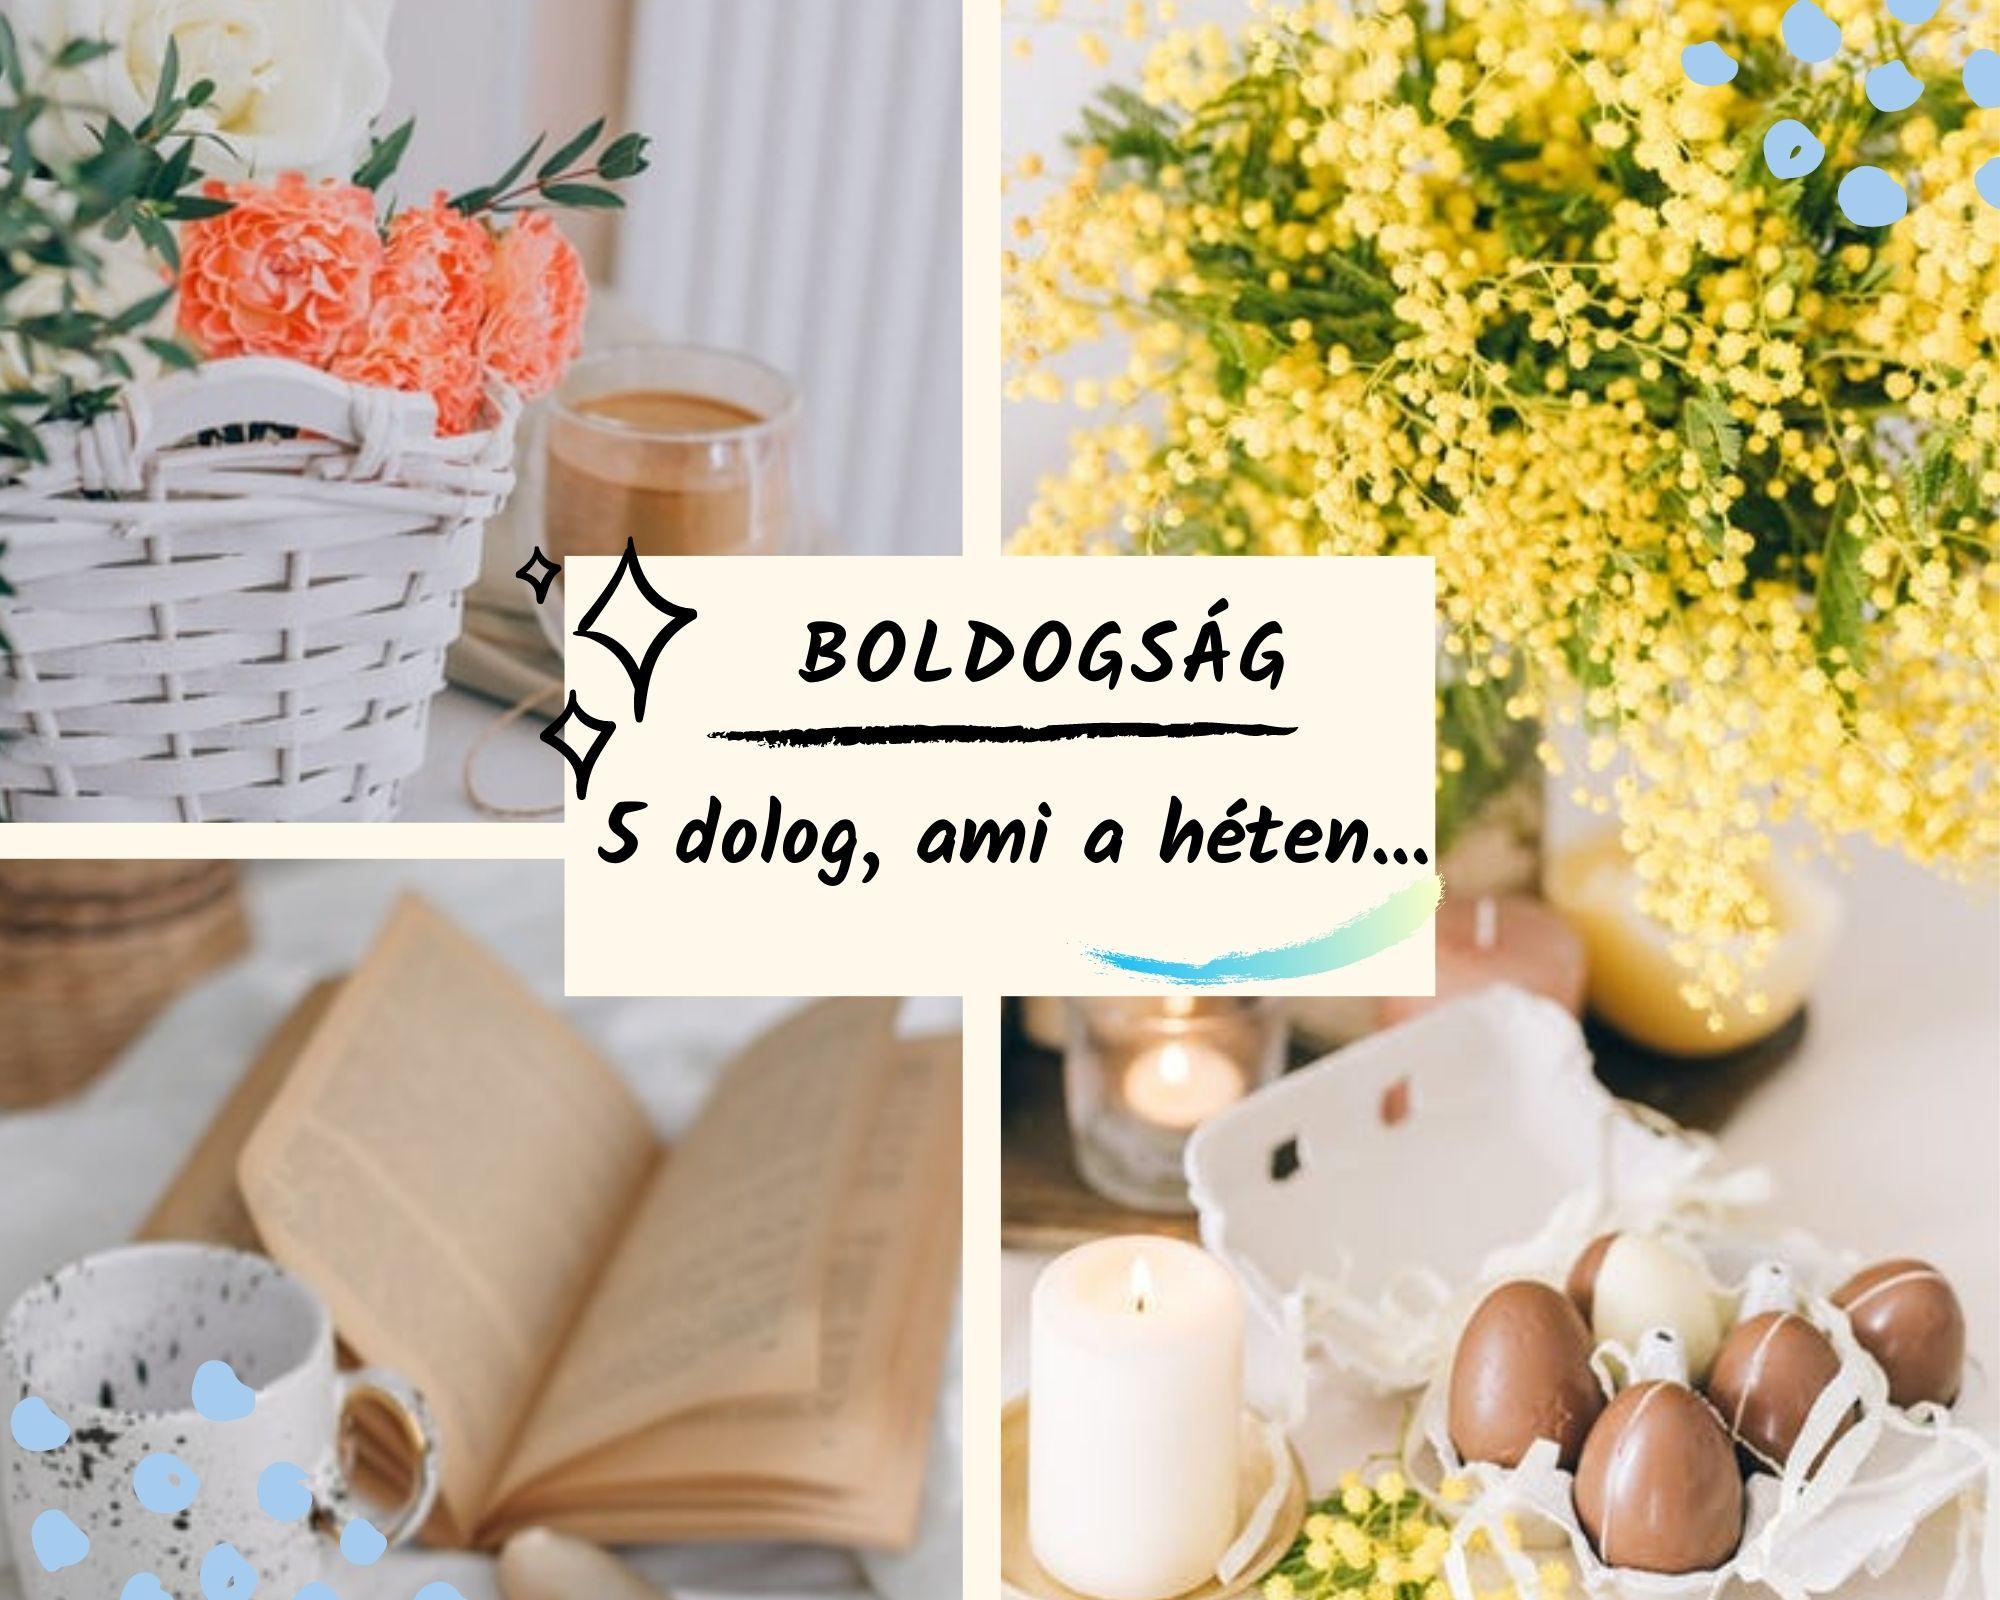 boldogsag_37.jpg